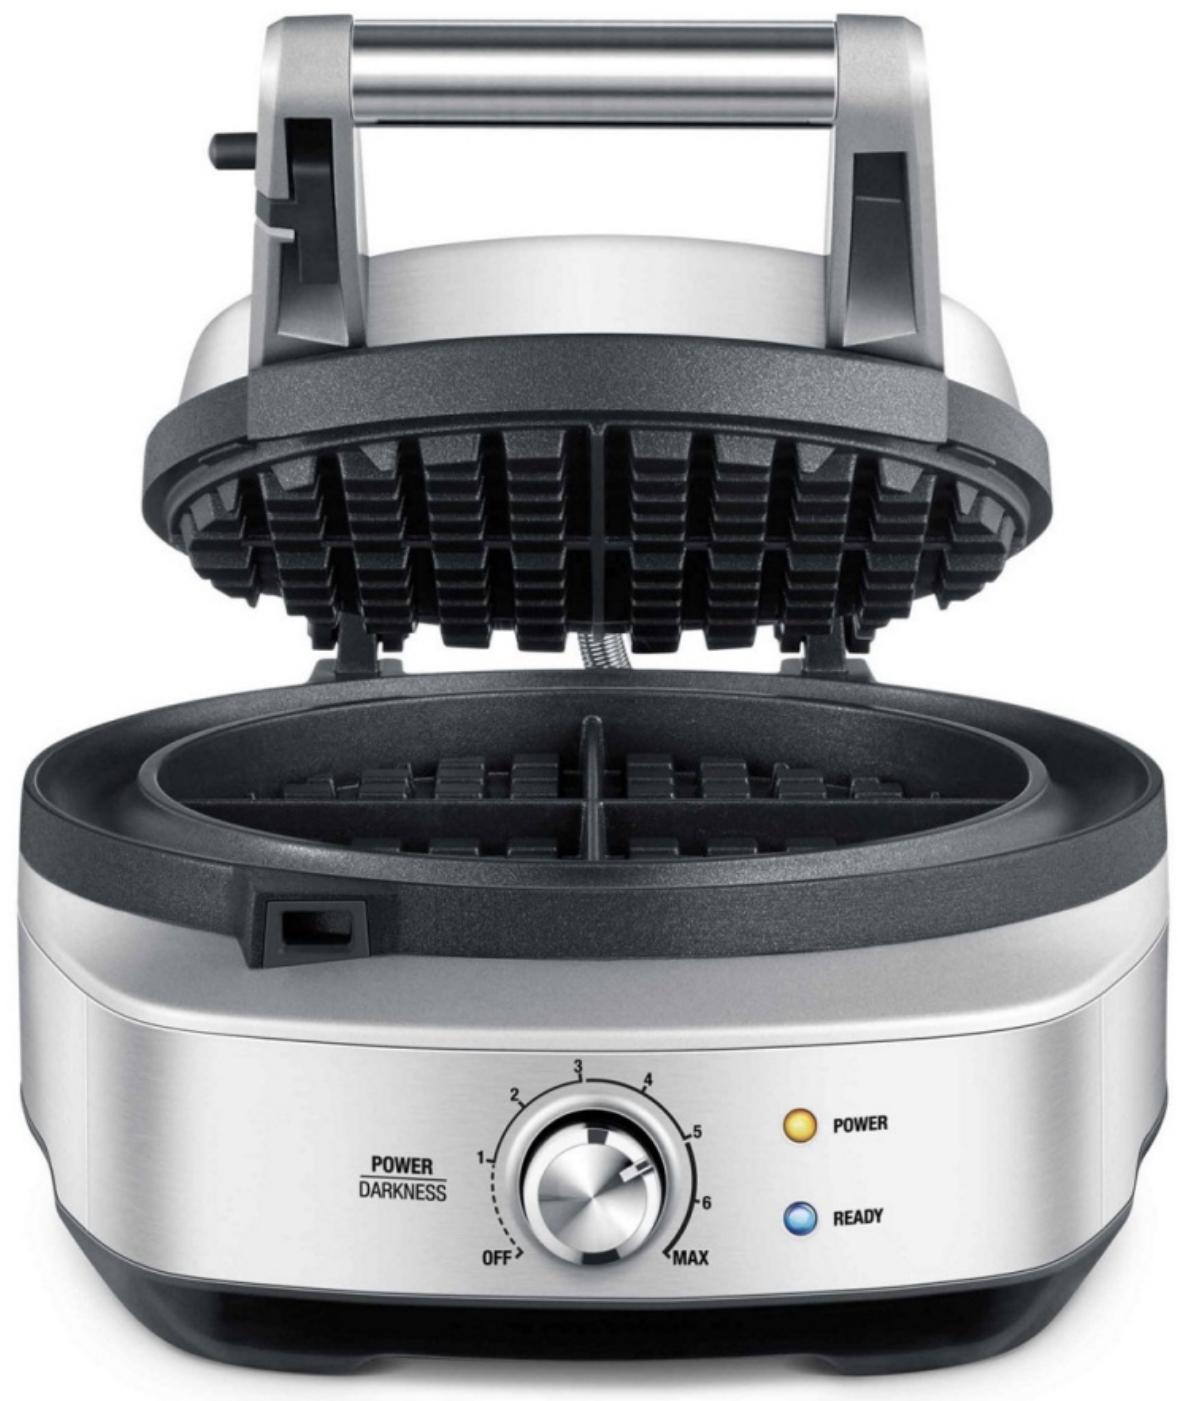 Sage SWM520 The No-Mess Waffle Waffeleisen 900W mit Thermal Pro für 49,90€ inkl. Versandkosten